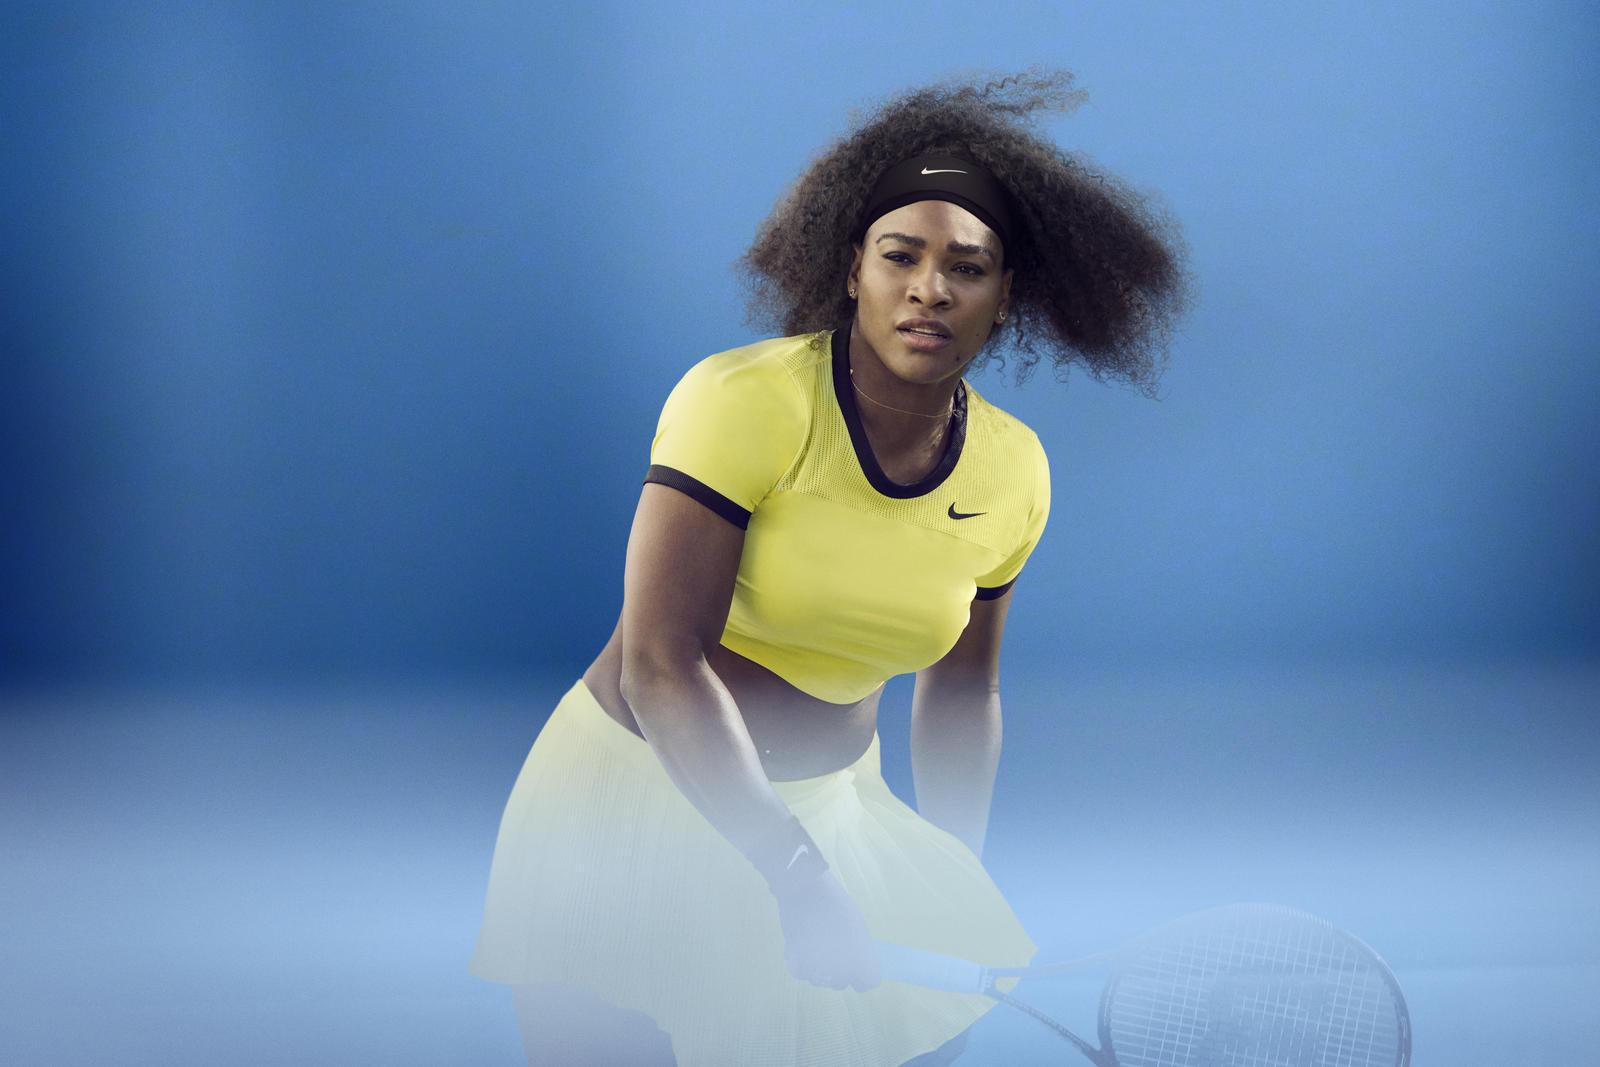 NikeCourt_Serena Williams_4